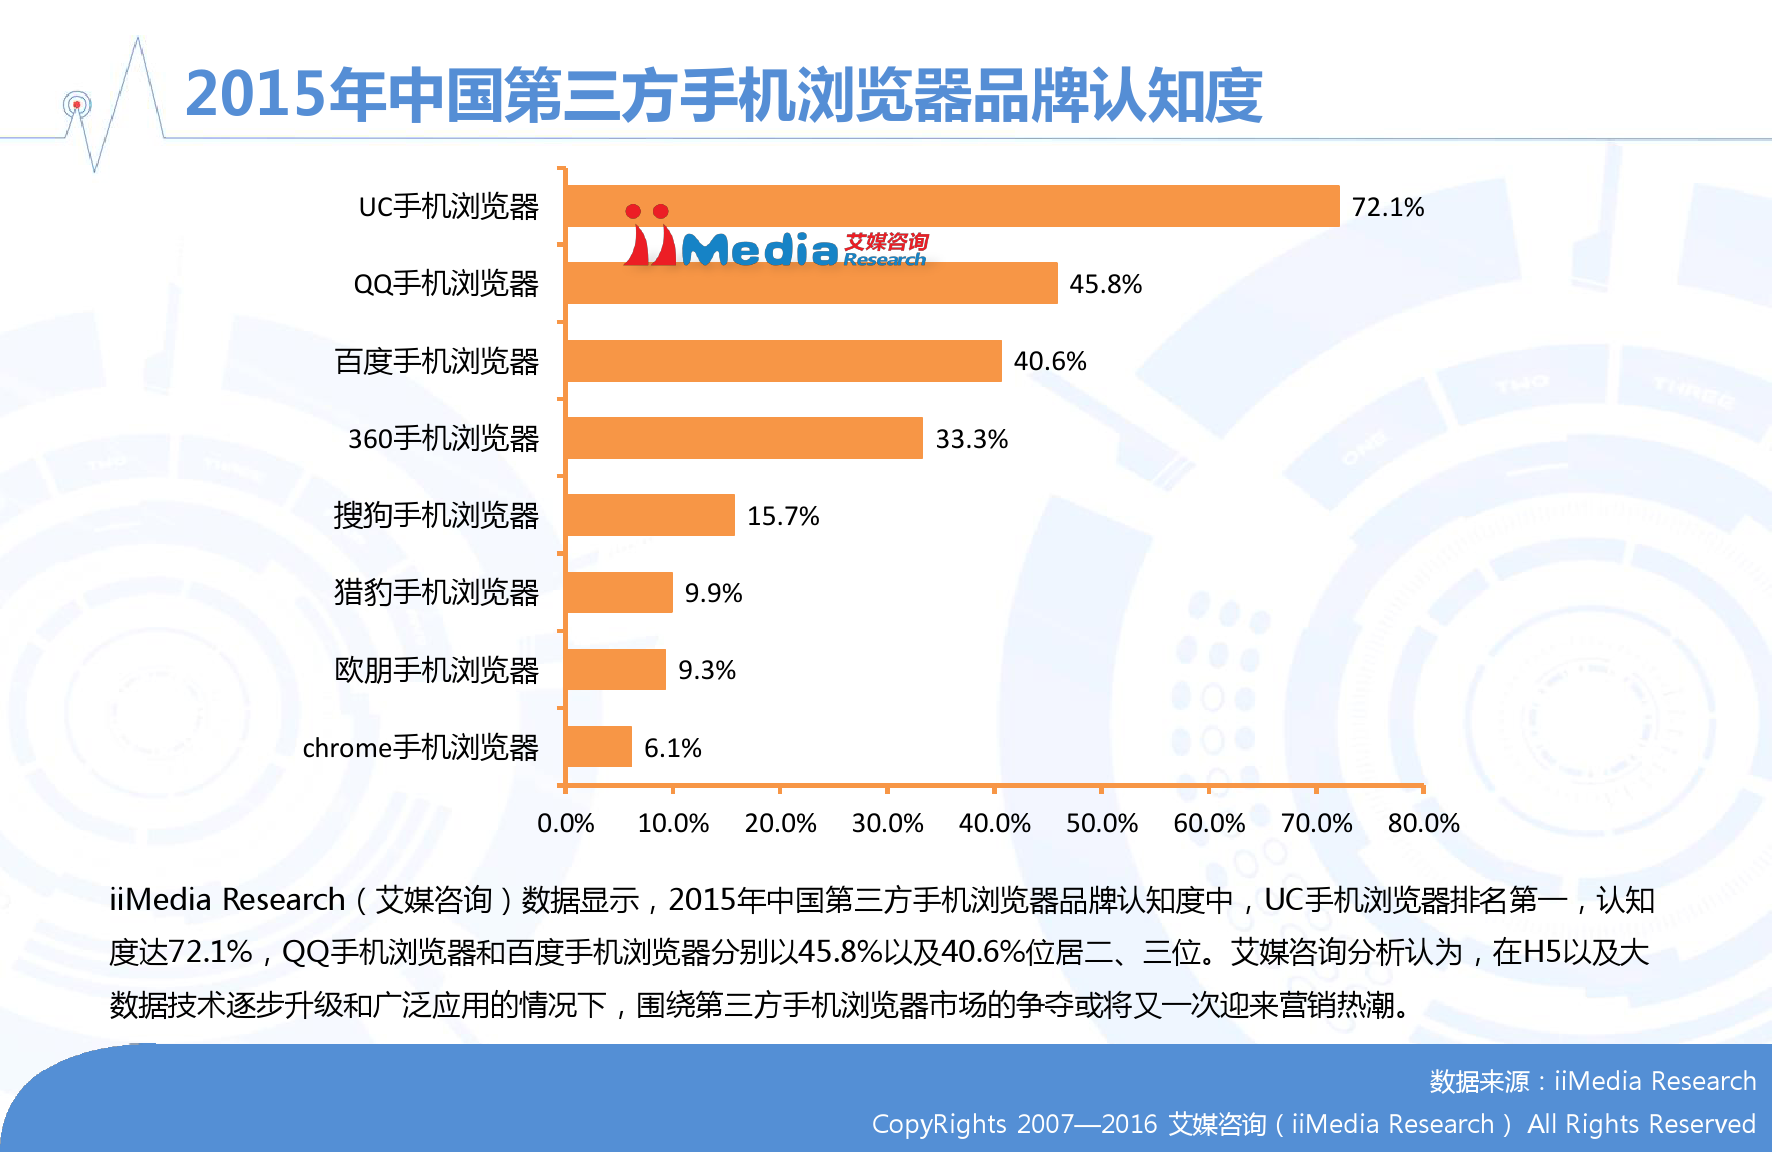 艾媒咨询:2015-2016年中国手机浏览器市场研究报告_000014